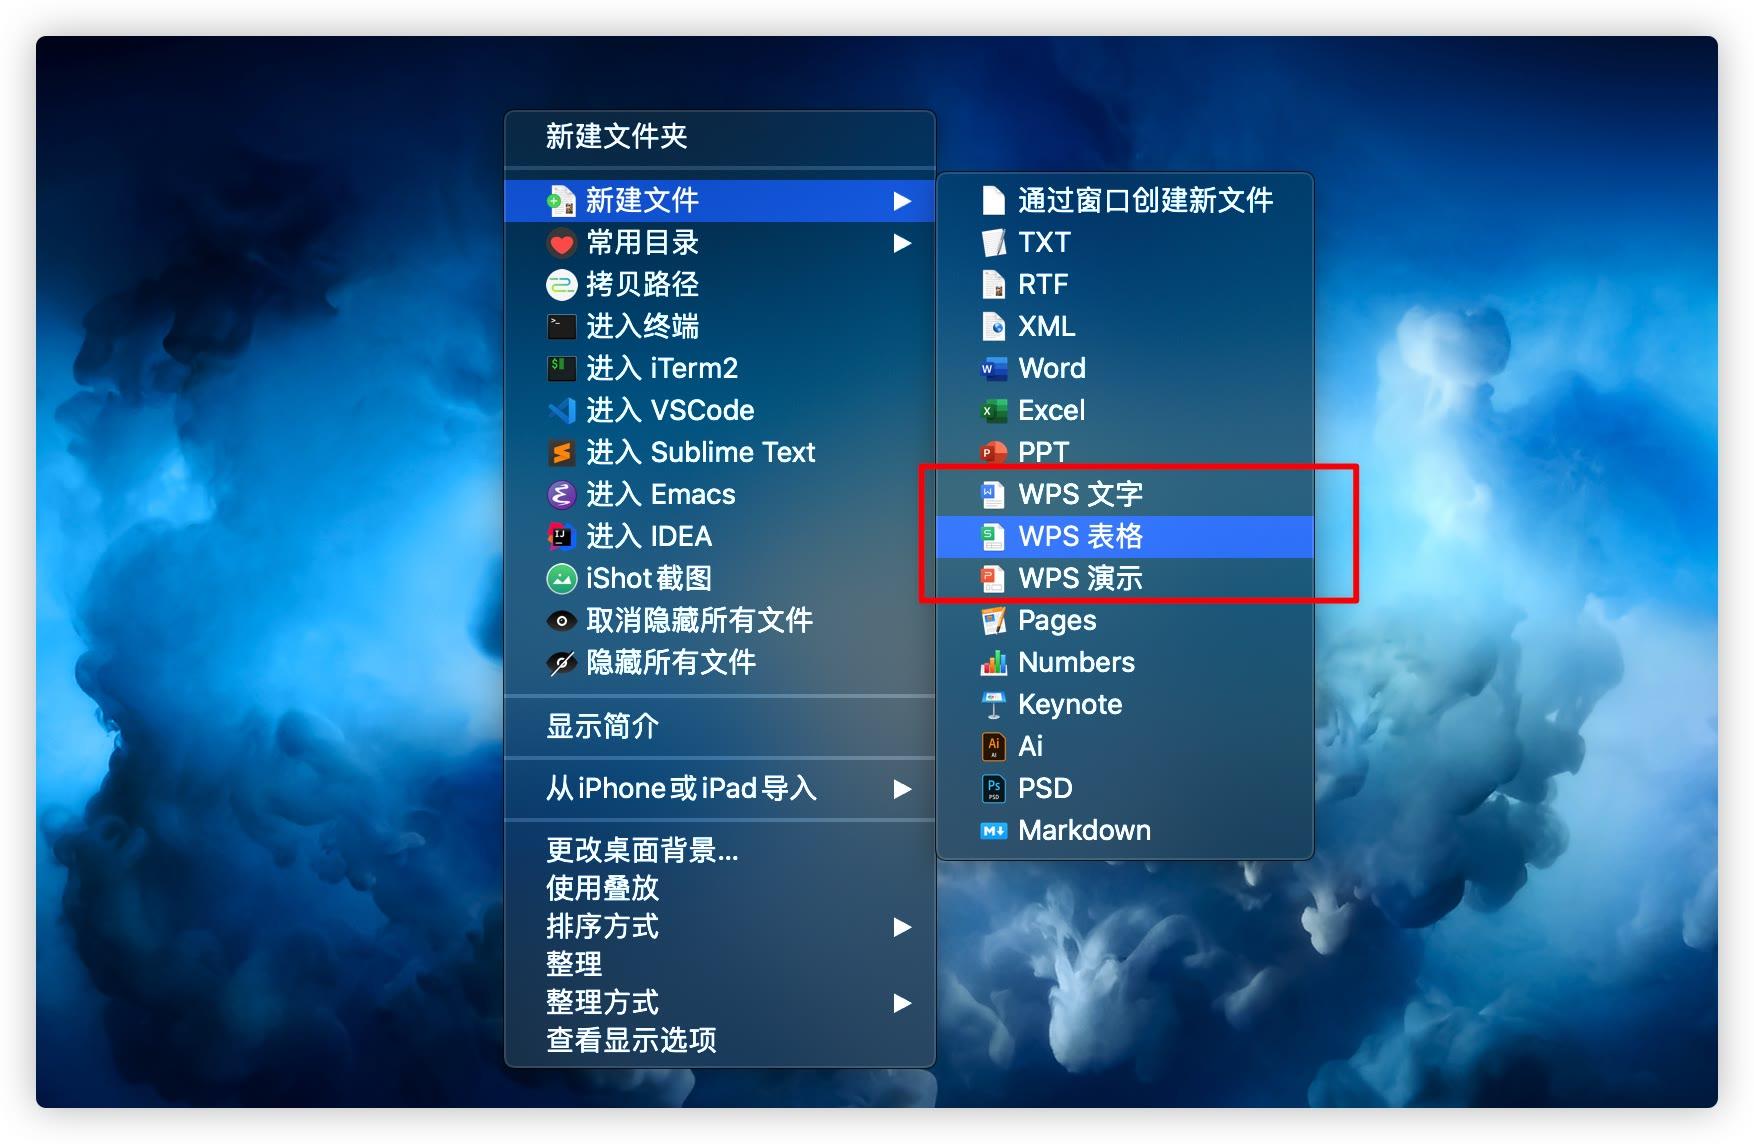 wps的格式在哪里(Mac电脑如何进行WPS的新建)(1)